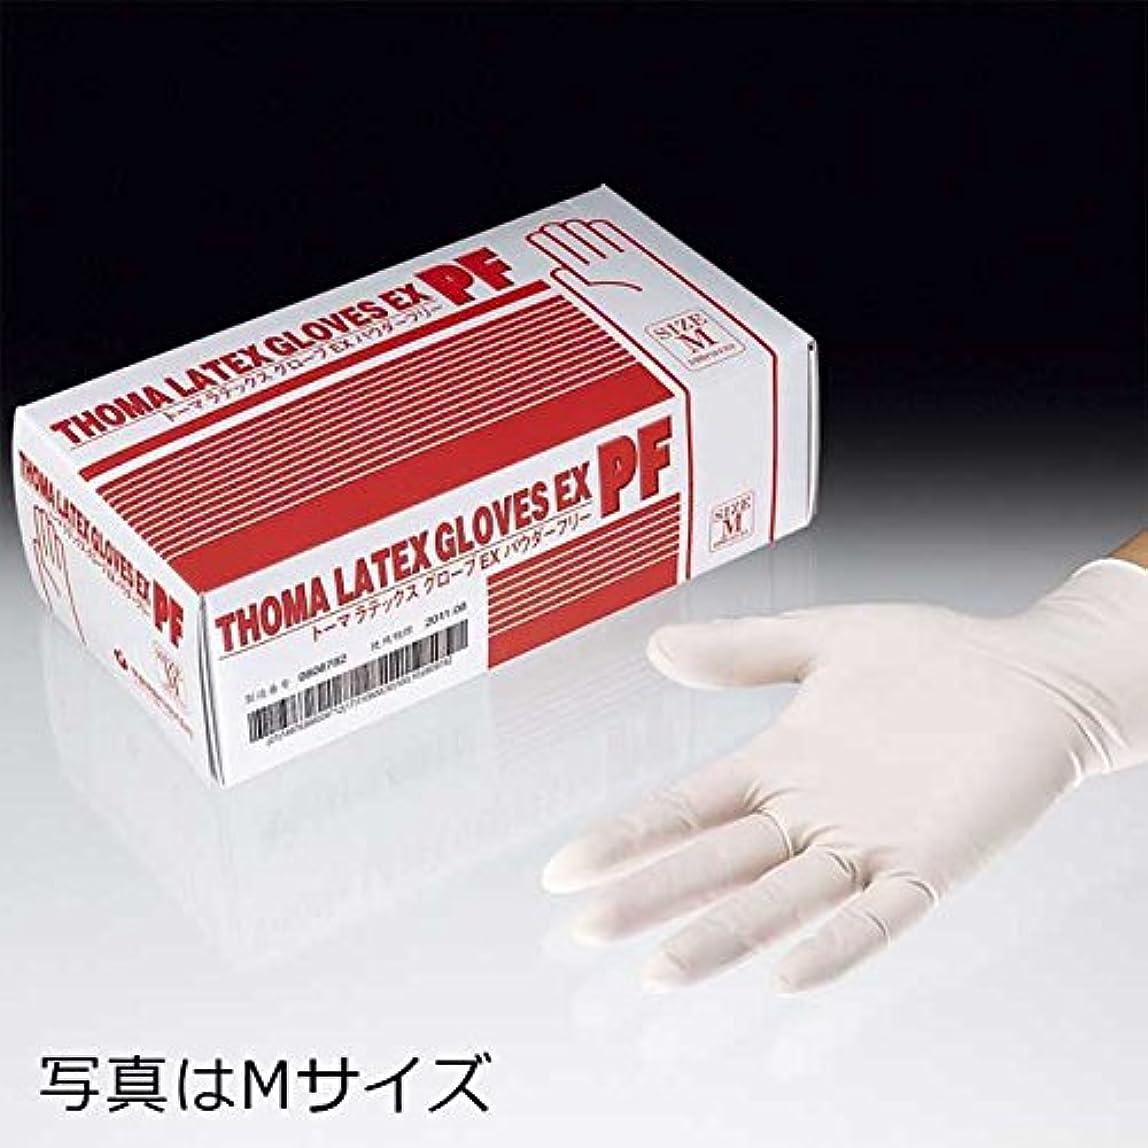 肌寒いチェスをする出撃者トーマラテックス手袋EX PF 天然ゴム 使い捨て手袋 粉なし2000枚 (100枚入り20箱) (SS)